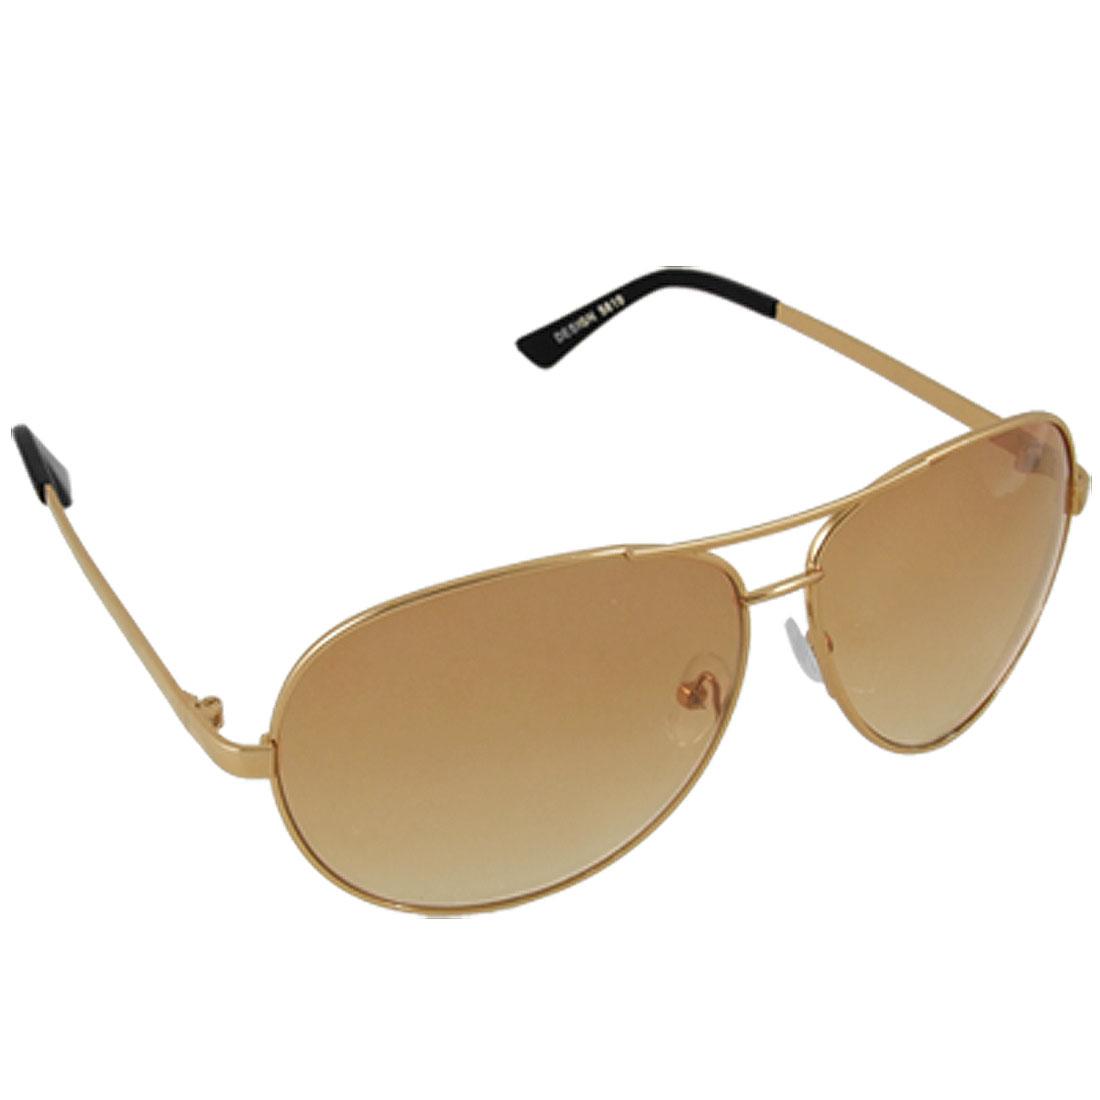 Gold Tone Metal Frame Tan Lens Men Dual Brow Sunglasses